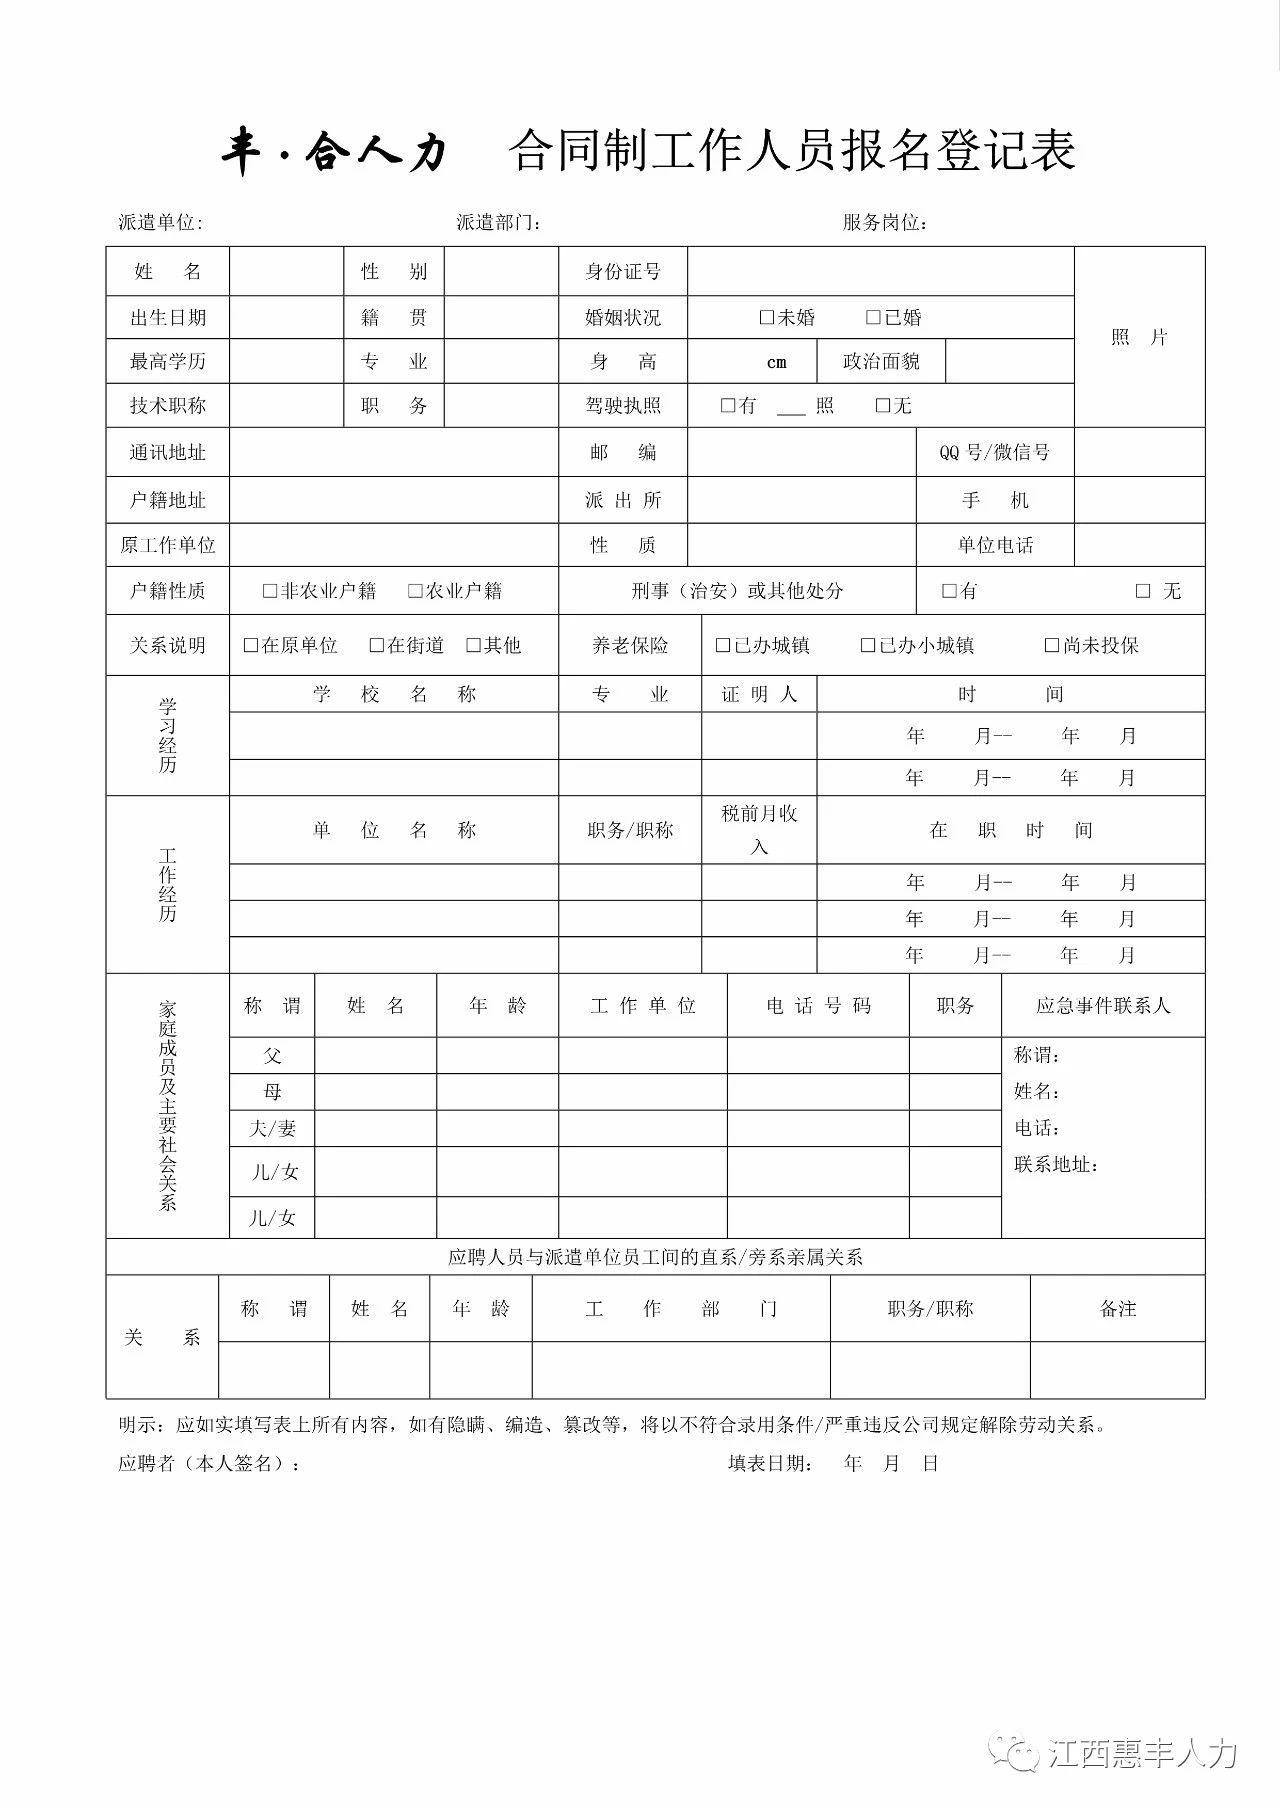 丰·合人力.合同制工作人员报名登记表.jpg